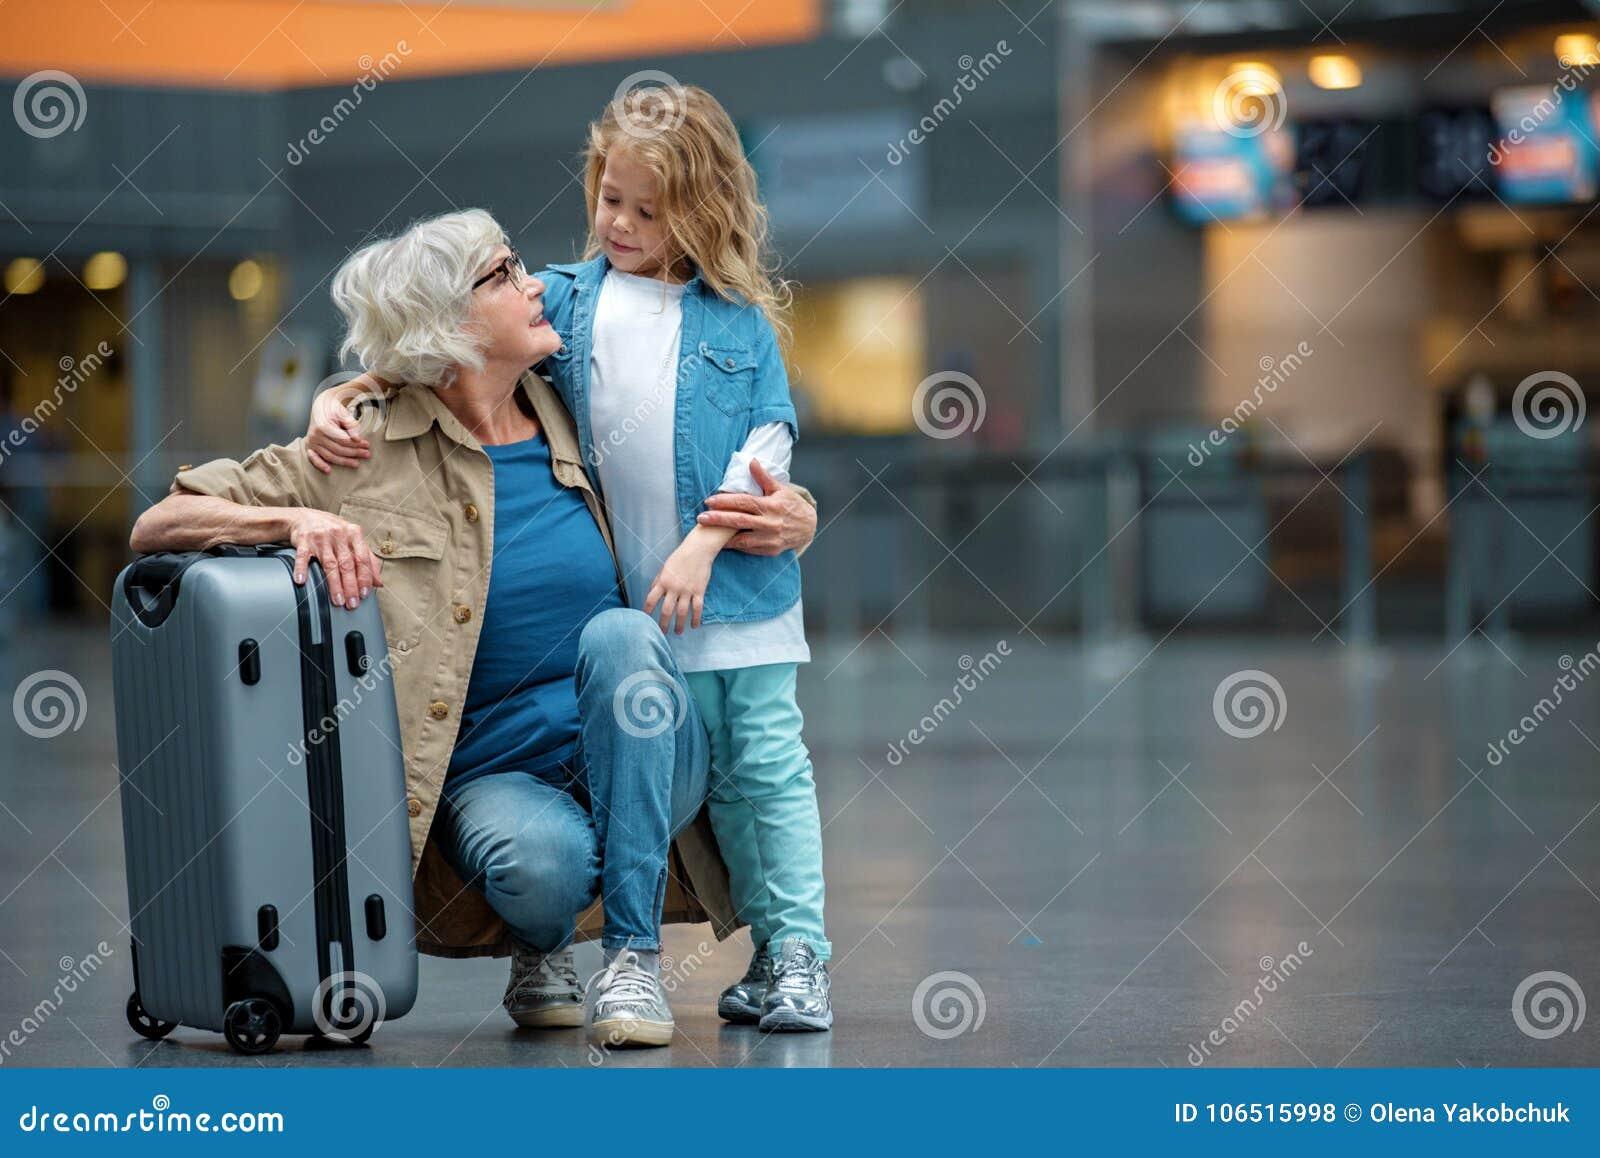 Positive ältere Dame und kleines Mädchen genießen Zeit zusammen